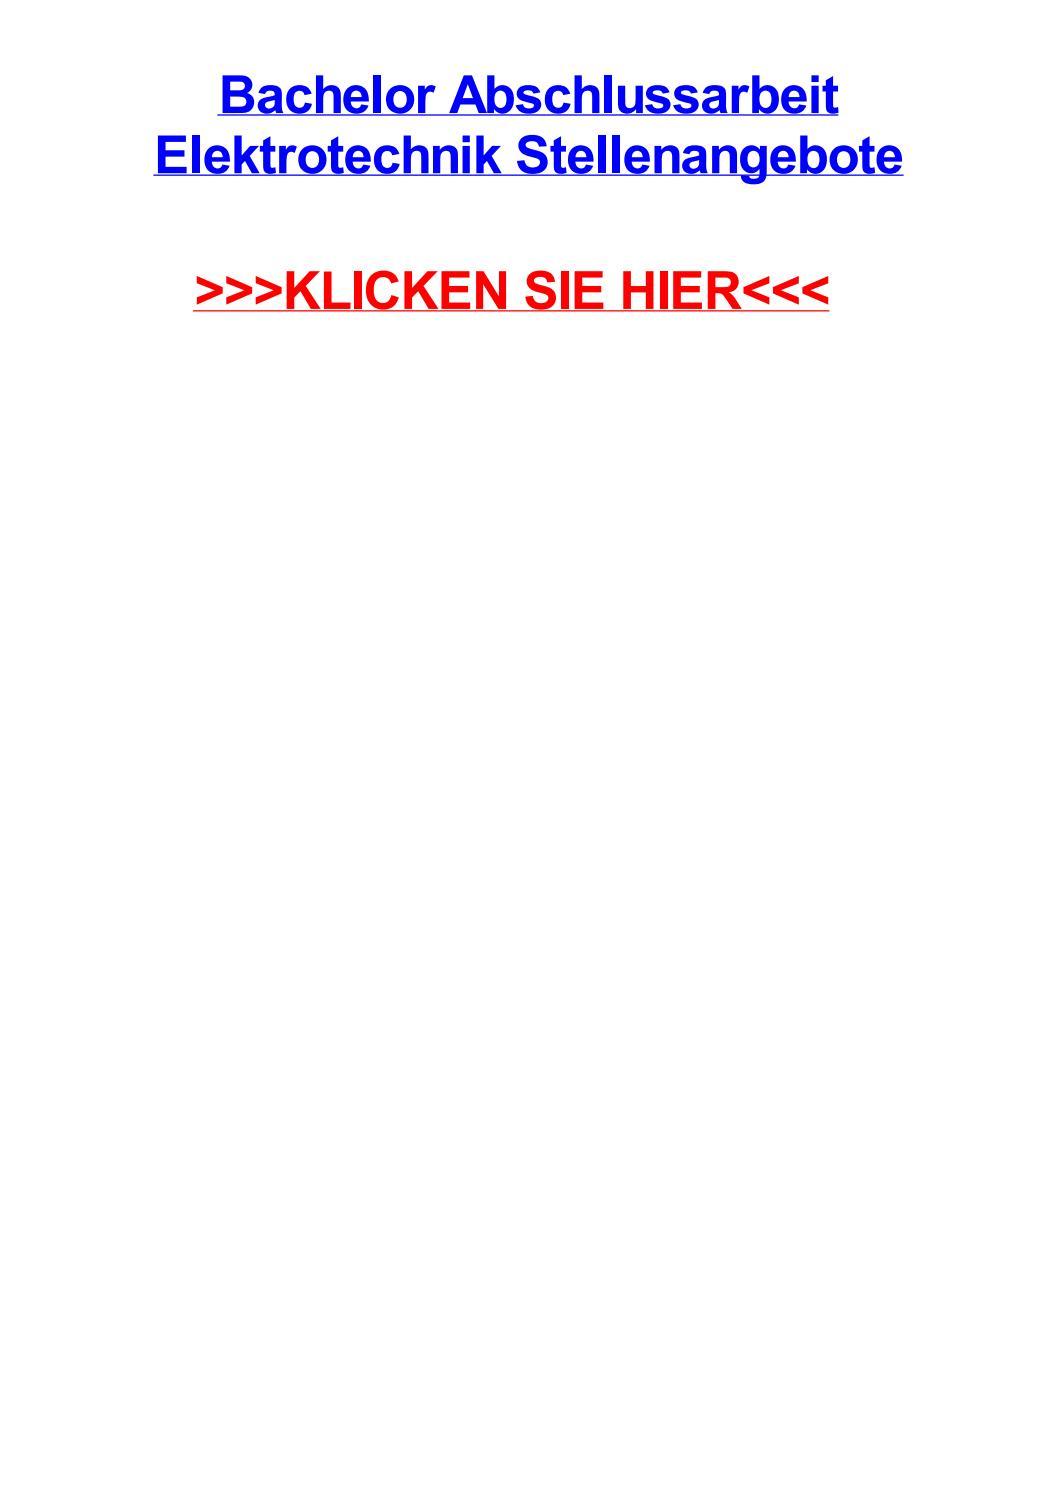 Bachelor abschlussarbeit elektrotechnik stellenangebote by ...